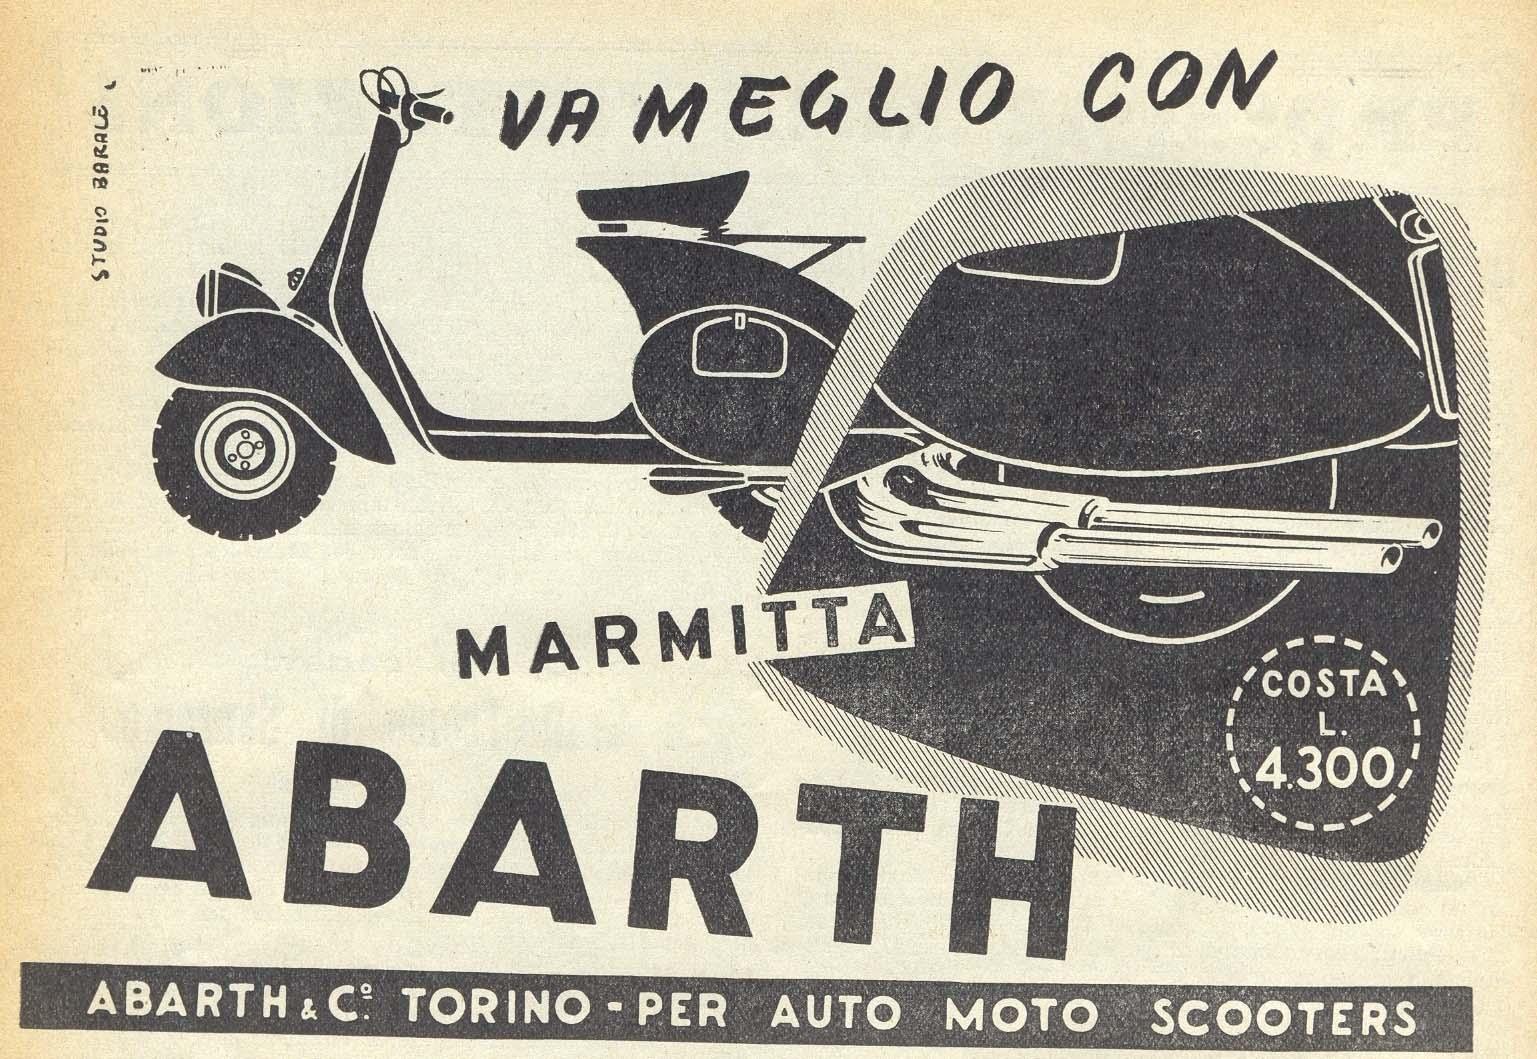 marmitta abarth - restauri: nonne - forum vespa online